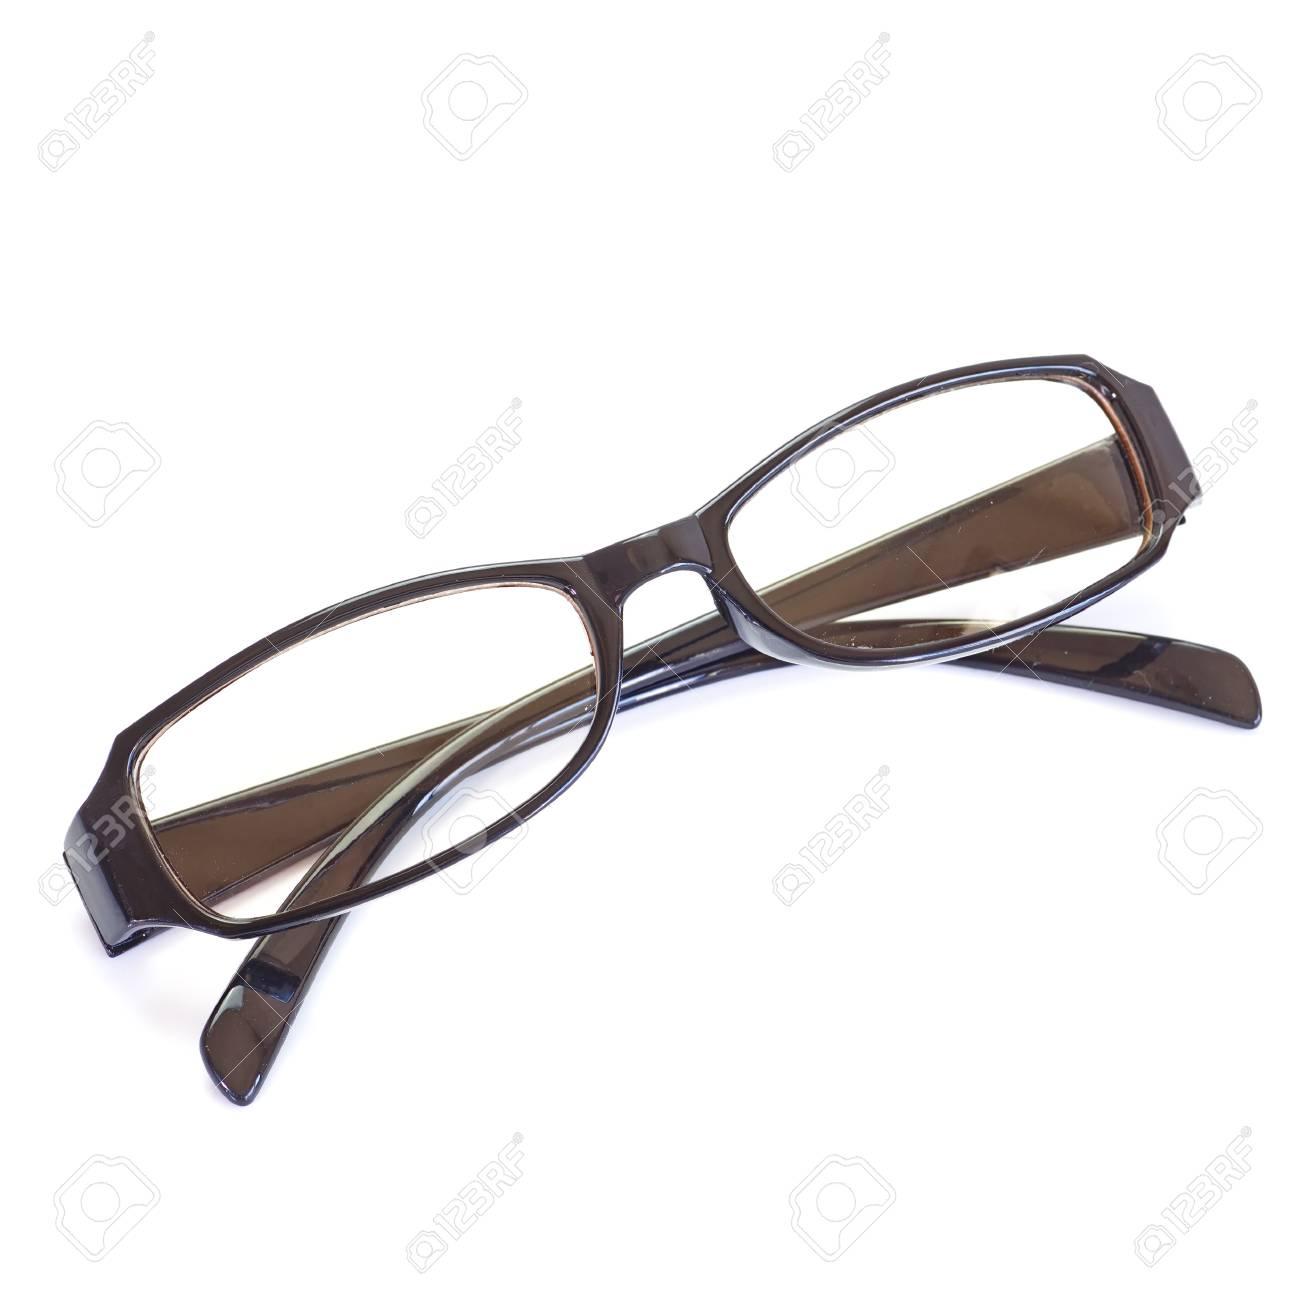 Niedlich Brillenrahmengrößen Galerie - Benutzerdefinierte ...